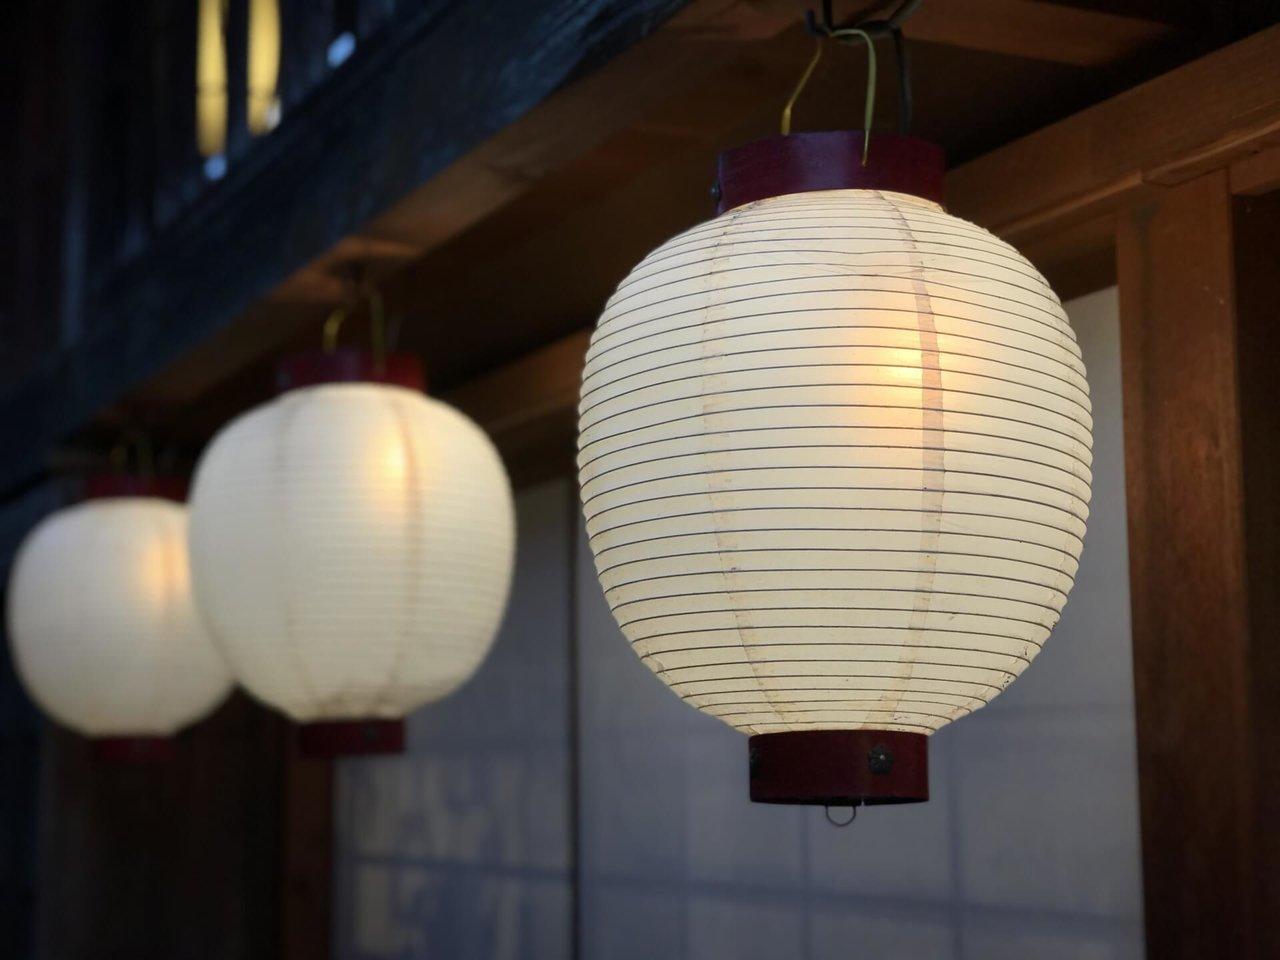 初盆提灯(はつぼんちょうちん)とは。選び方や飾り方も解説 - Coeurlien